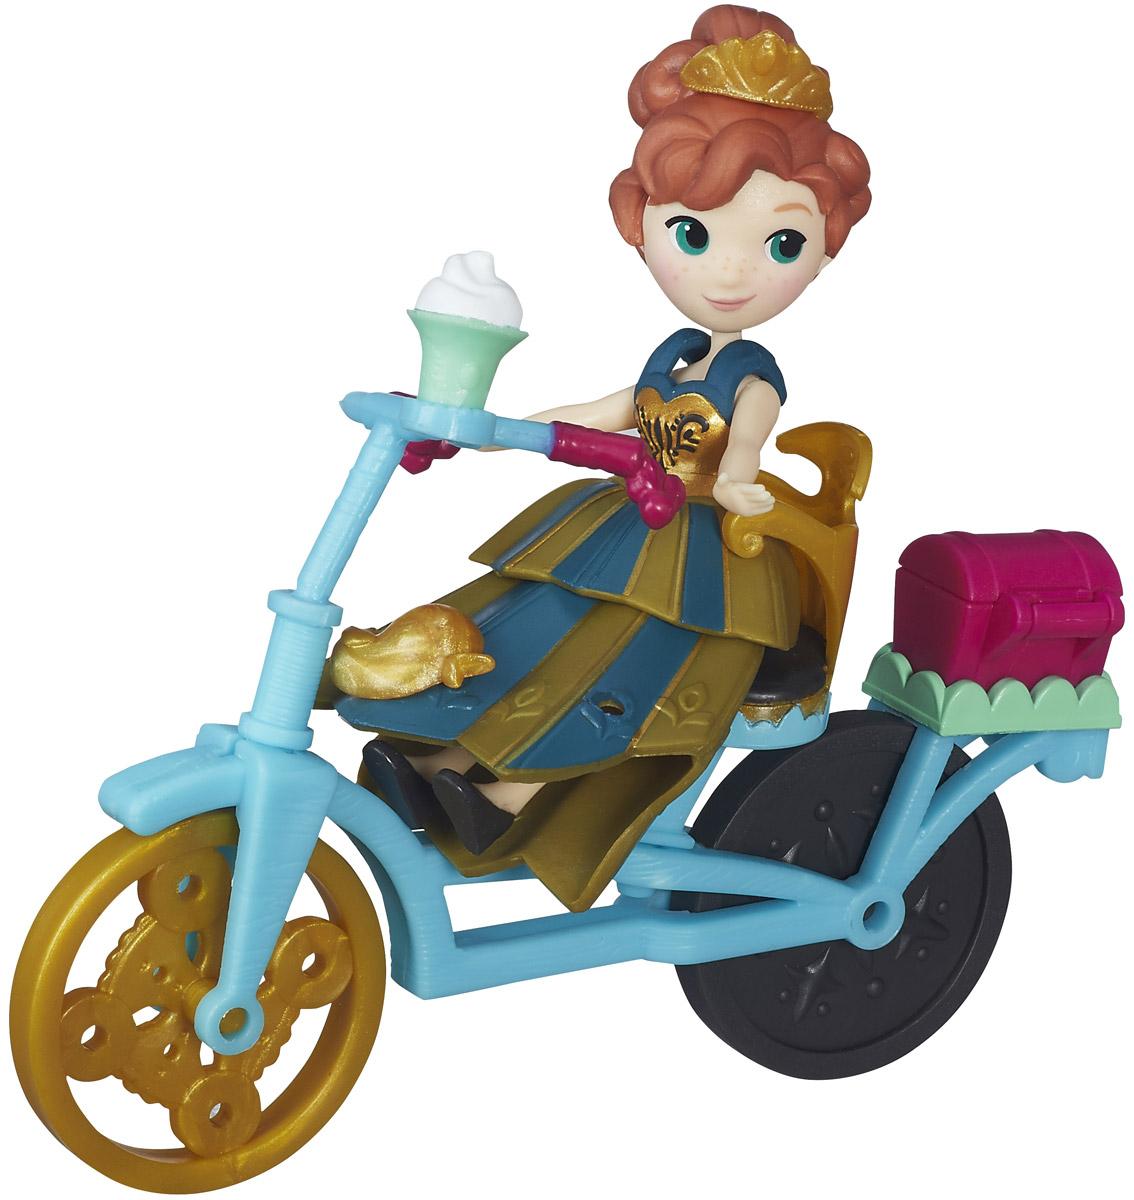 Disney Frozen Мини-кукла Анна и велосипедB5188EU4_5190Мини-кукла Disney Frozen Анна и велосипед непременно понравится вашей дочурке! Анна - чрезвычайно преданная, решительная и отважная девушка. Мини-кукла Анна как всегда очаровательна в своем платье для дня коронации со съемным корсетом, юбкой и баской. В комплект входит велосипед, на котором она балансирует в мультфильме! Вашей маленькой мечтательнице понравится создавать наряды Анне и дополнять ее внешний вид украшениями из набора. Девочки смогут украшать свою героиню другими аксессуарами и нарядами (продаются отдельно). Порадуйте свою малышку таким замечательным подарком!